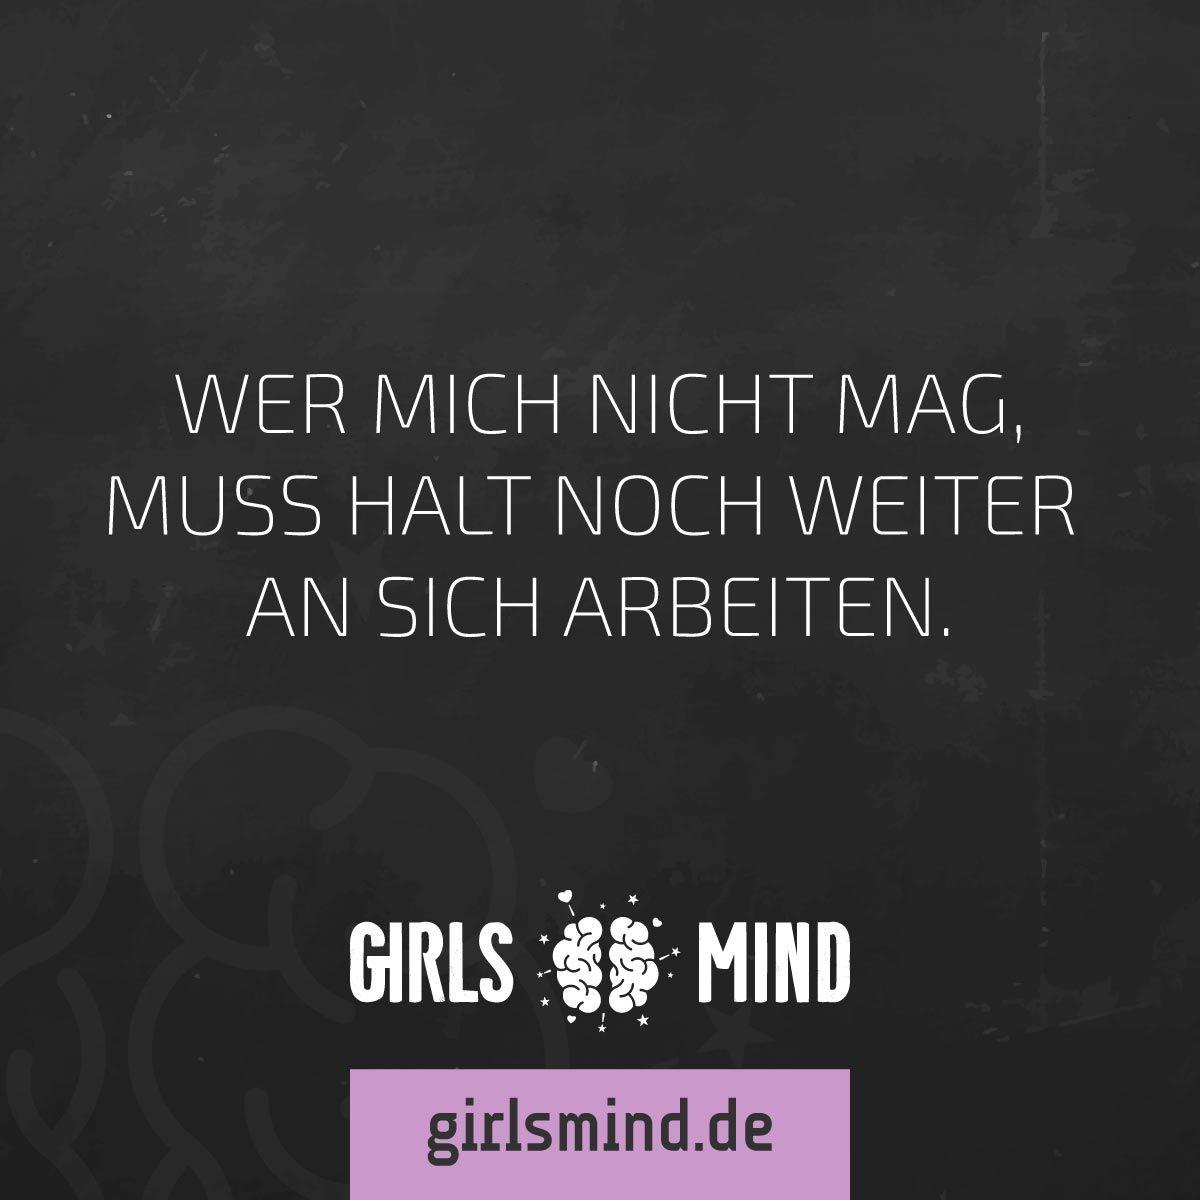 sprüche selbstbewusst Mehr Sprüche auf: .girlsheart.de #selbstbewusstsein  sprüche selbstbewusst